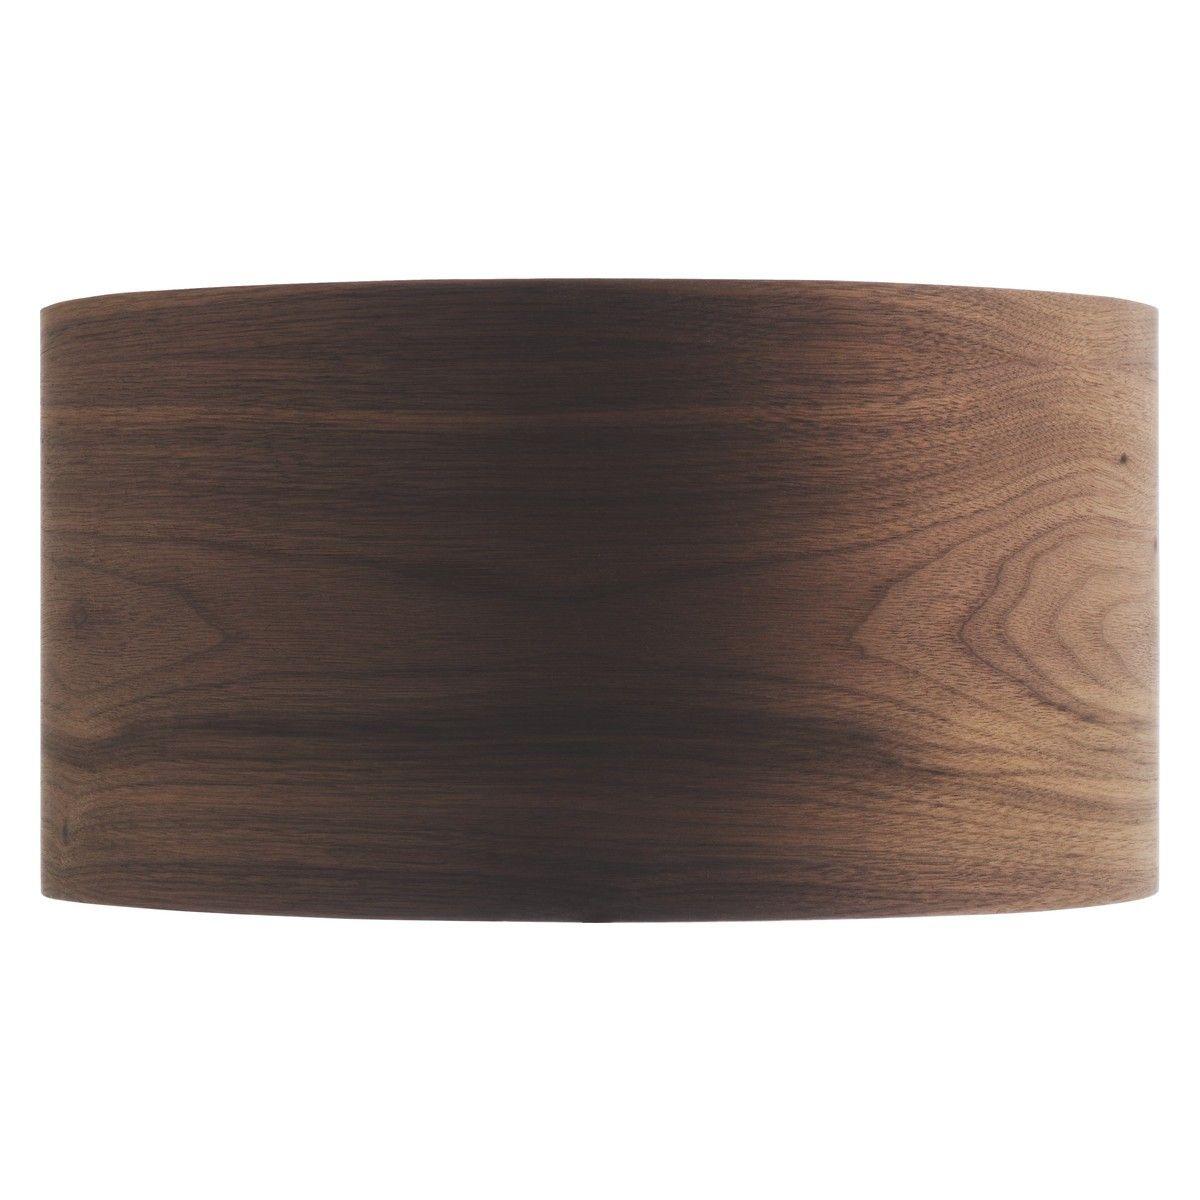 Elegant Terrific Brown Lamp Shades Pictures Design Ideas